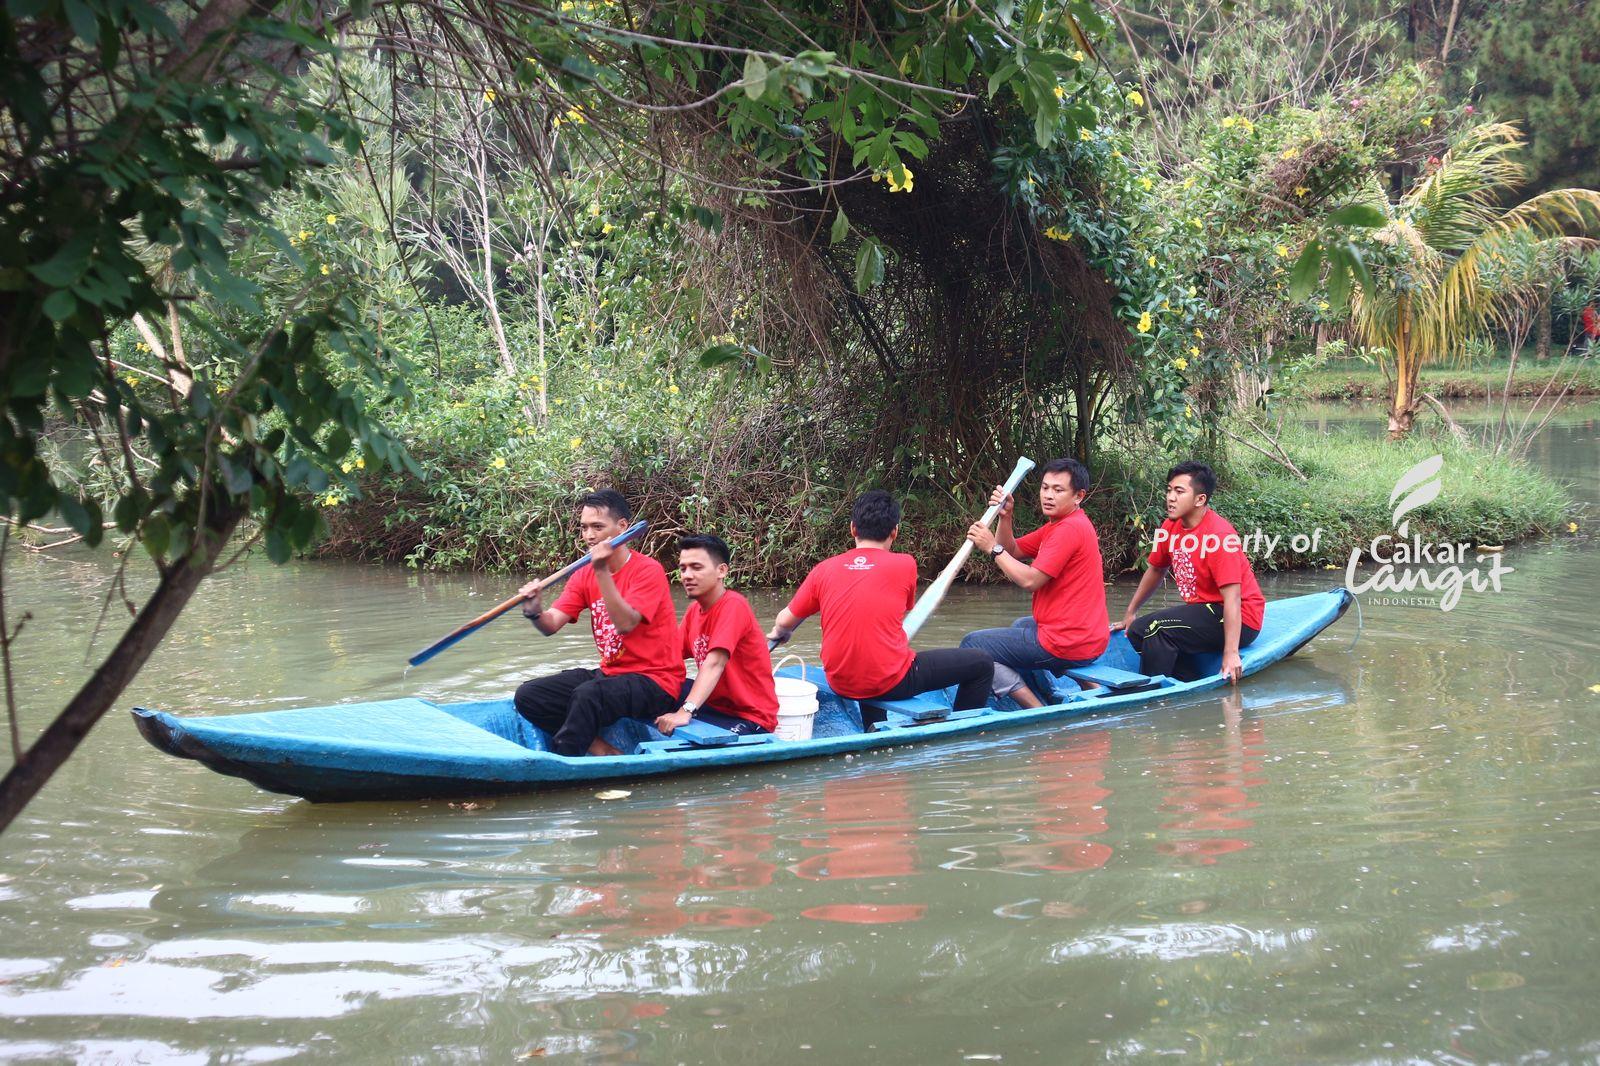 Lembur Gumati Cocok untuk Outbound Murah di Bogor